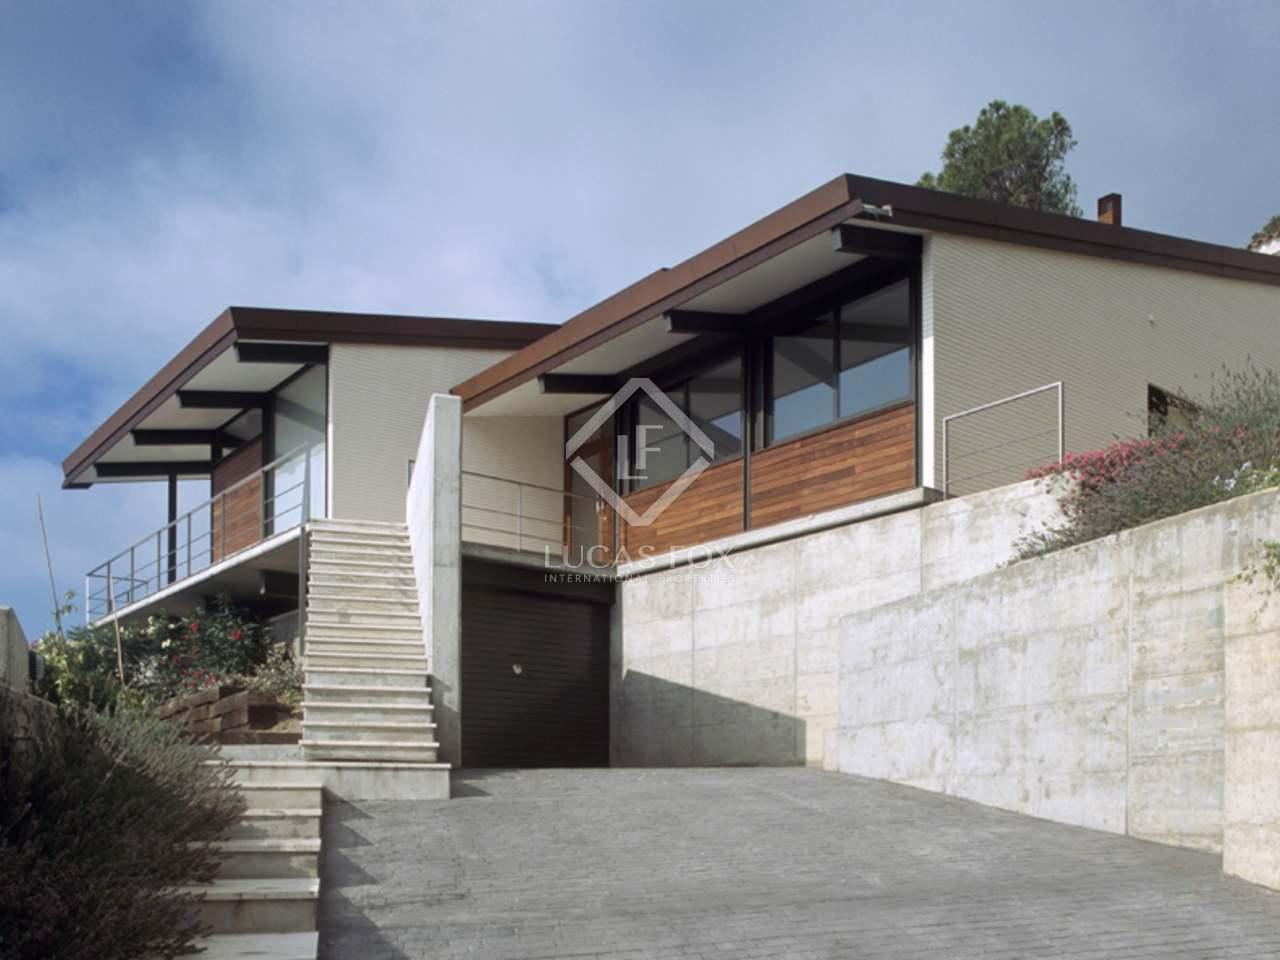 Luxury House in Spain: Modern Architecture in Sant Feliu De GuiXols